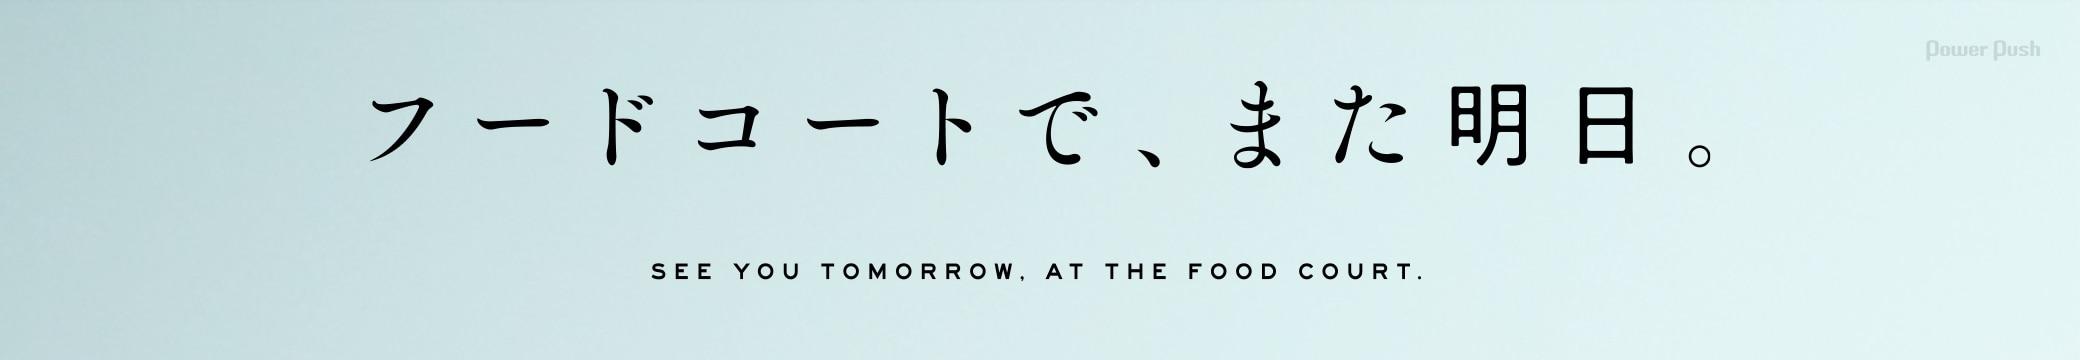 「フードコートで、また明日。」|生田衣梨奈(モーニング娘。'21)インタビュー 延々と無駄話できる女子2人の関係にえりぽん超共感!「私とみずき(譜久村聖)みたい」